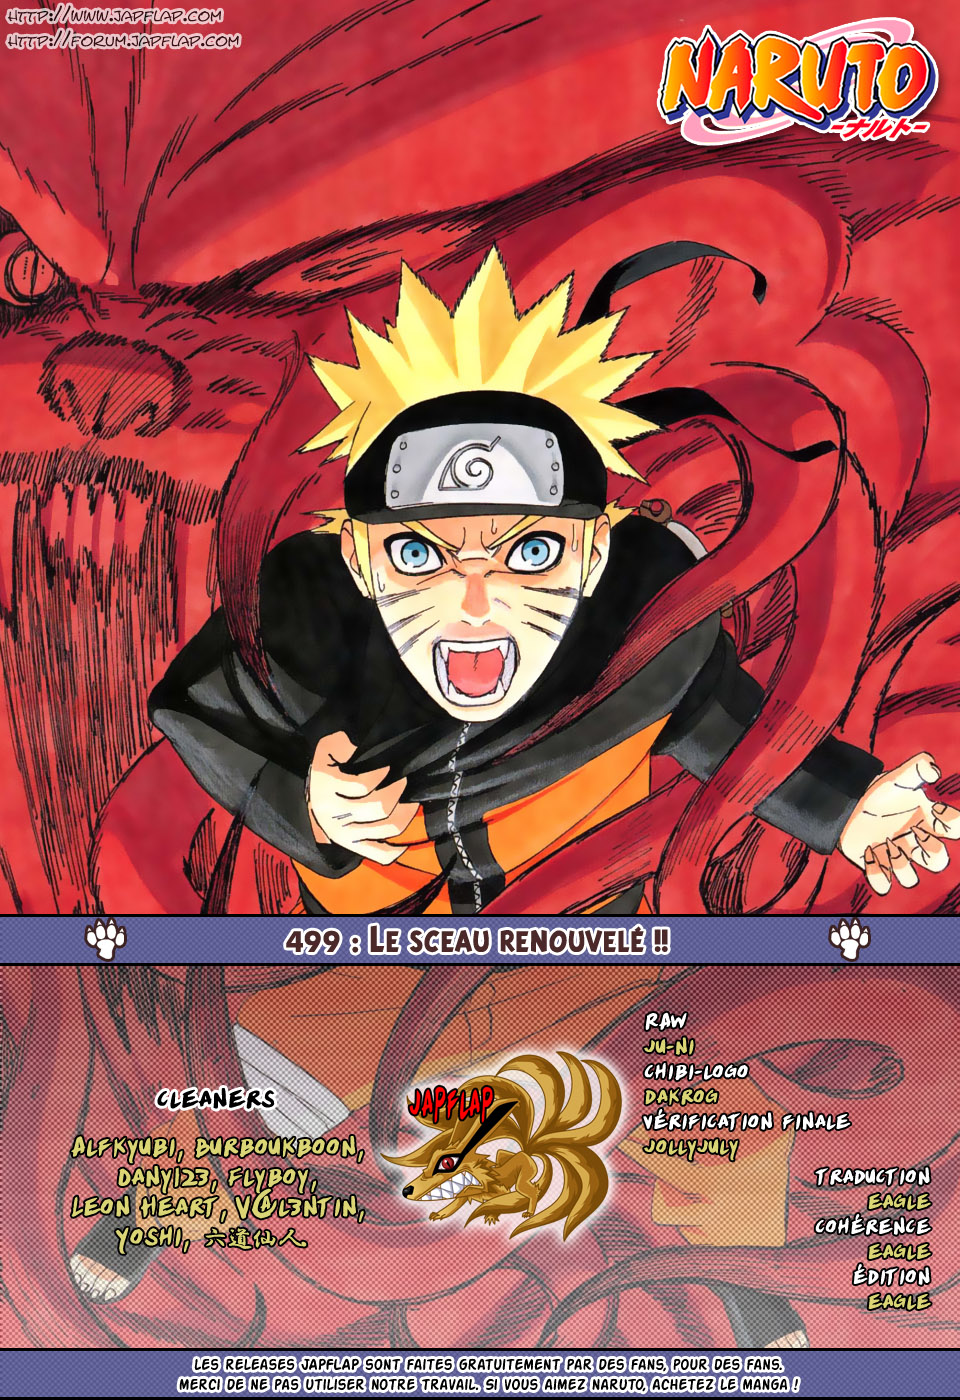 Naruto chapitre 499 - Page 17